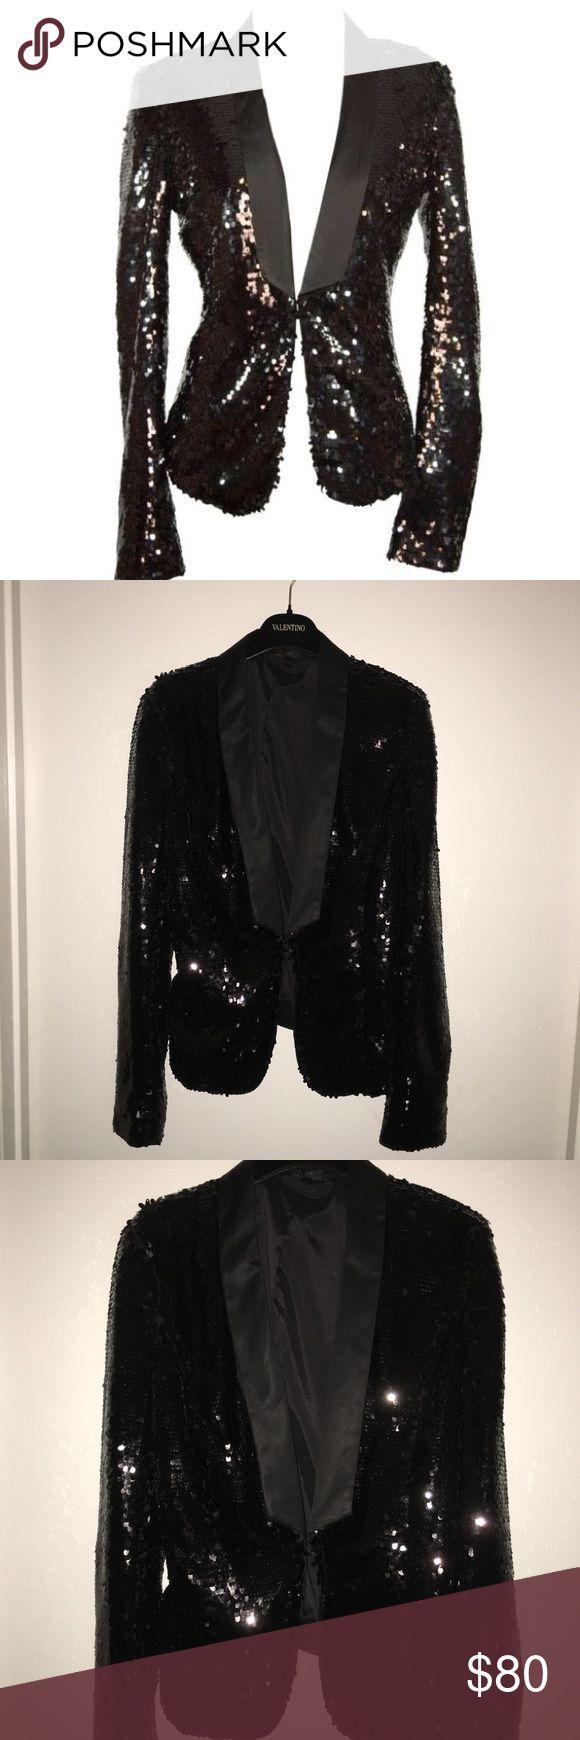 Rachel Zoe Sequined Tuxedo Blazer Rachel Zoe 'Liza' Sequined Tuxedo Blazer. SHOULDER PADS WERE REMOVED. Worn once! Excellent condition Rachel Zoe Jackets & Coats Blazers